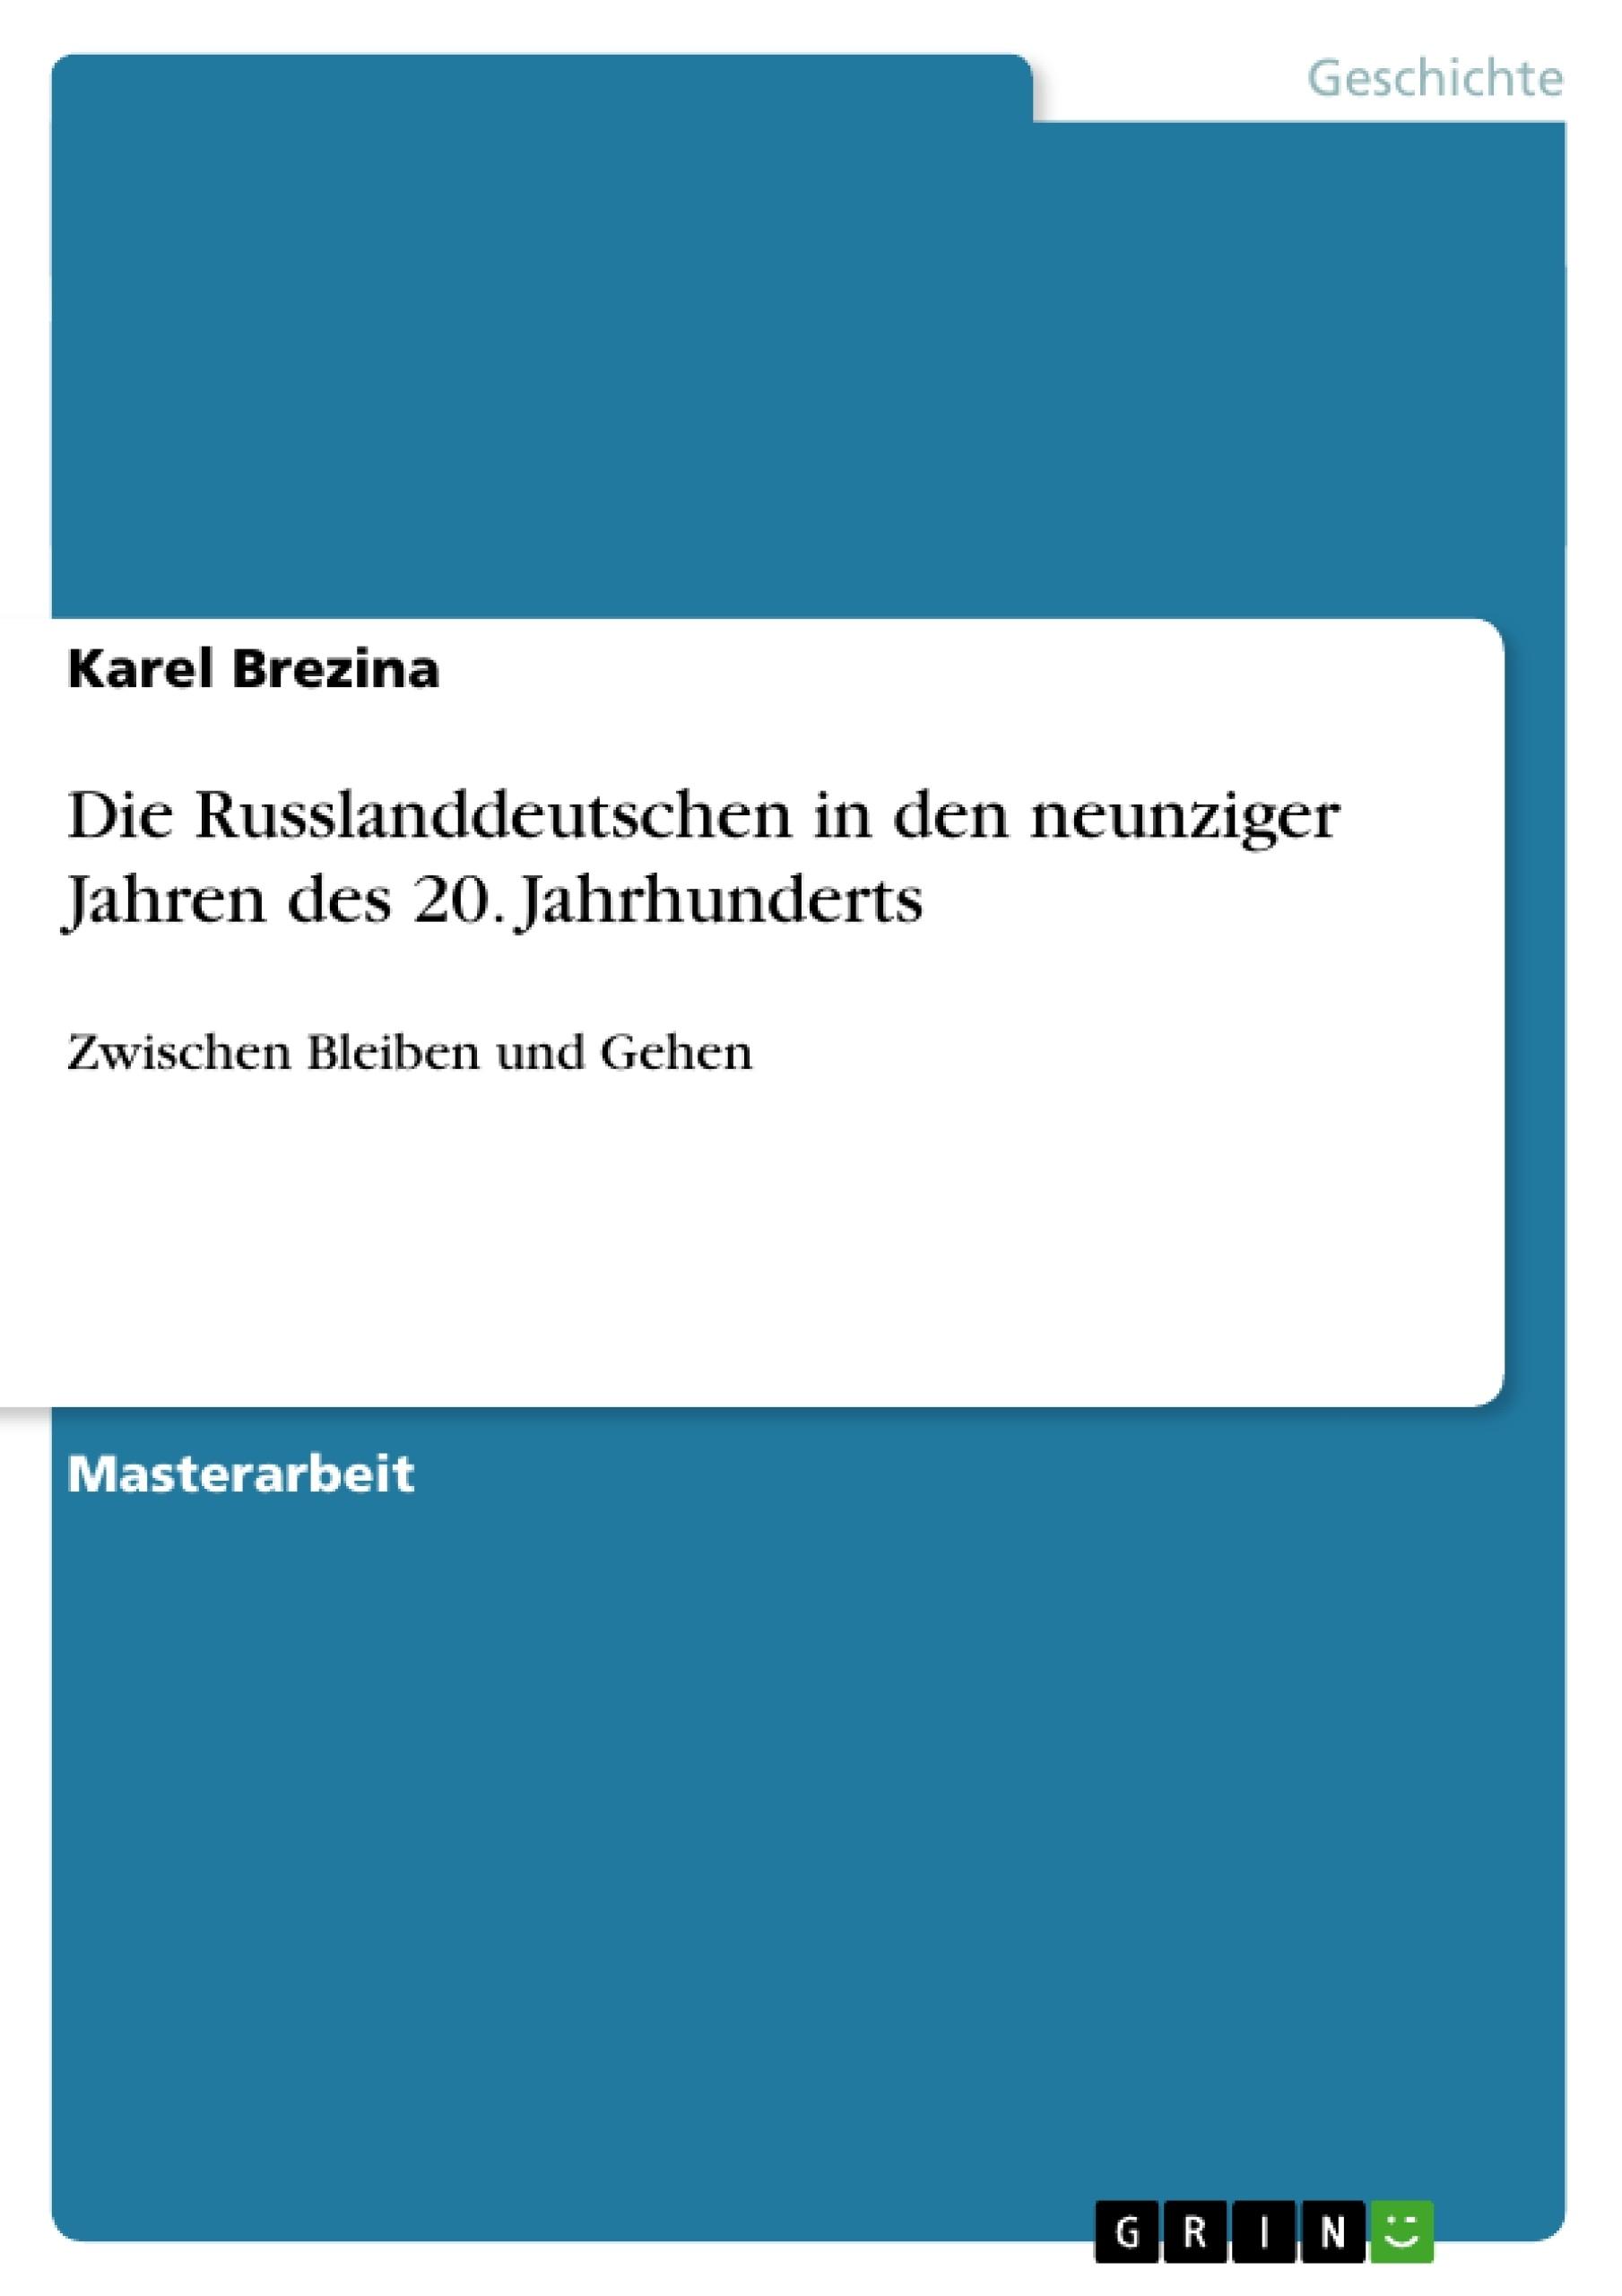 Titel: Die Russlanddeutschen in den neunziger Jahren des 20. Jahrhunderts